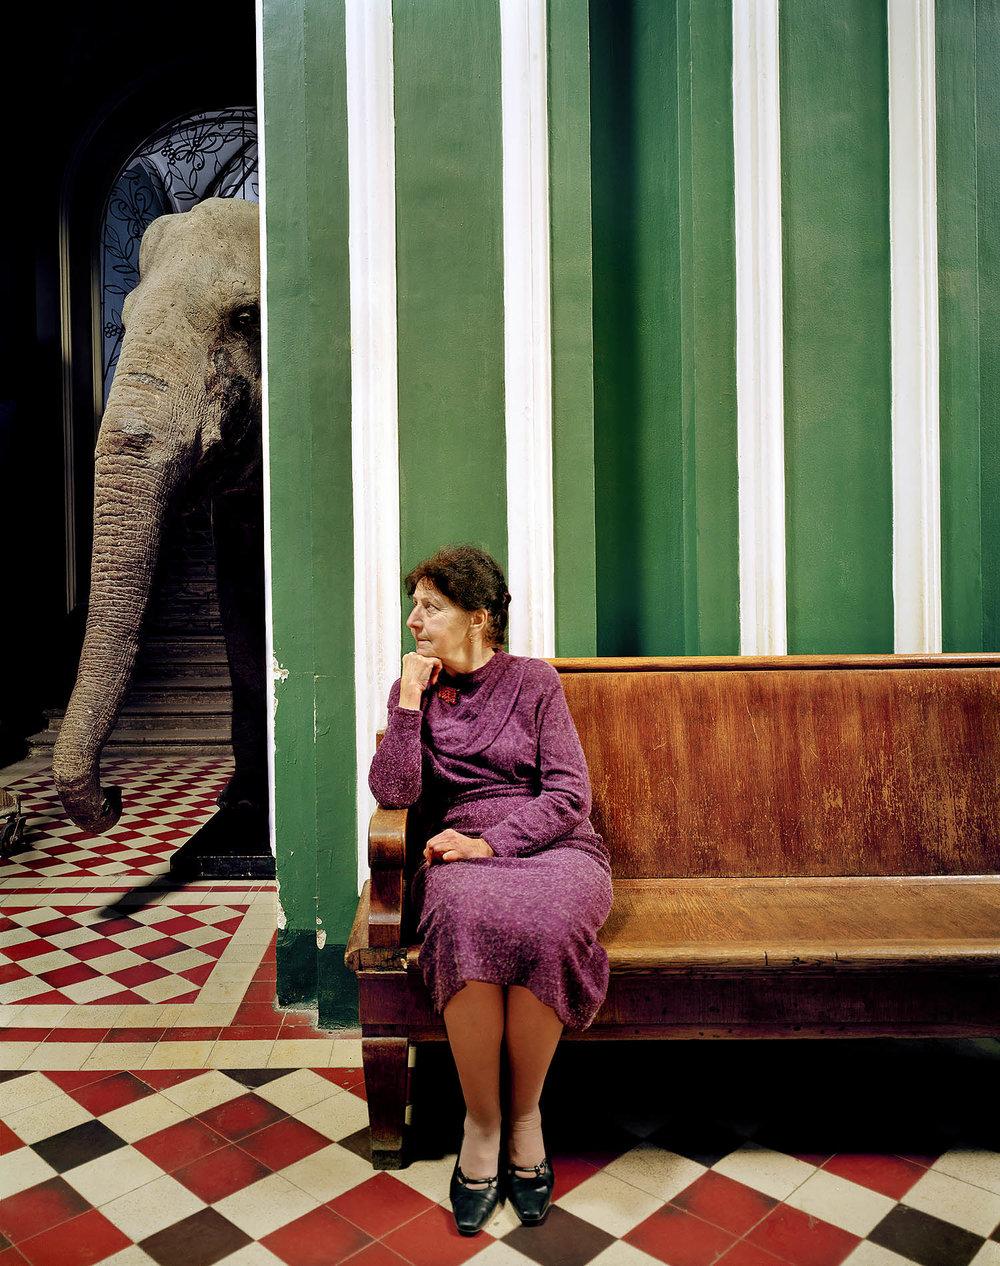 frankherfort_elephant_i_2005.jpg